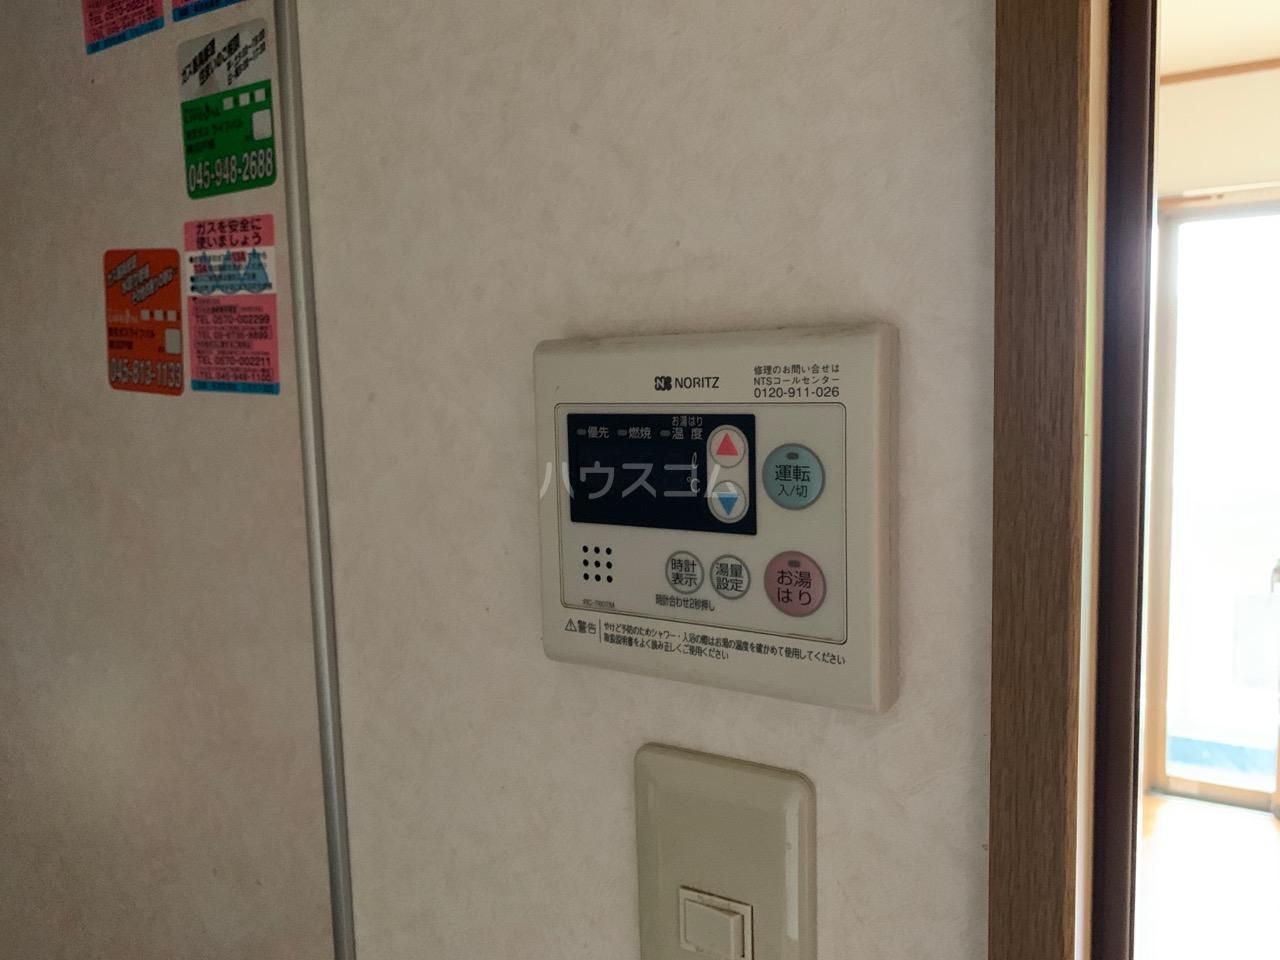 横浜元町ガーデン12 301号室の設備